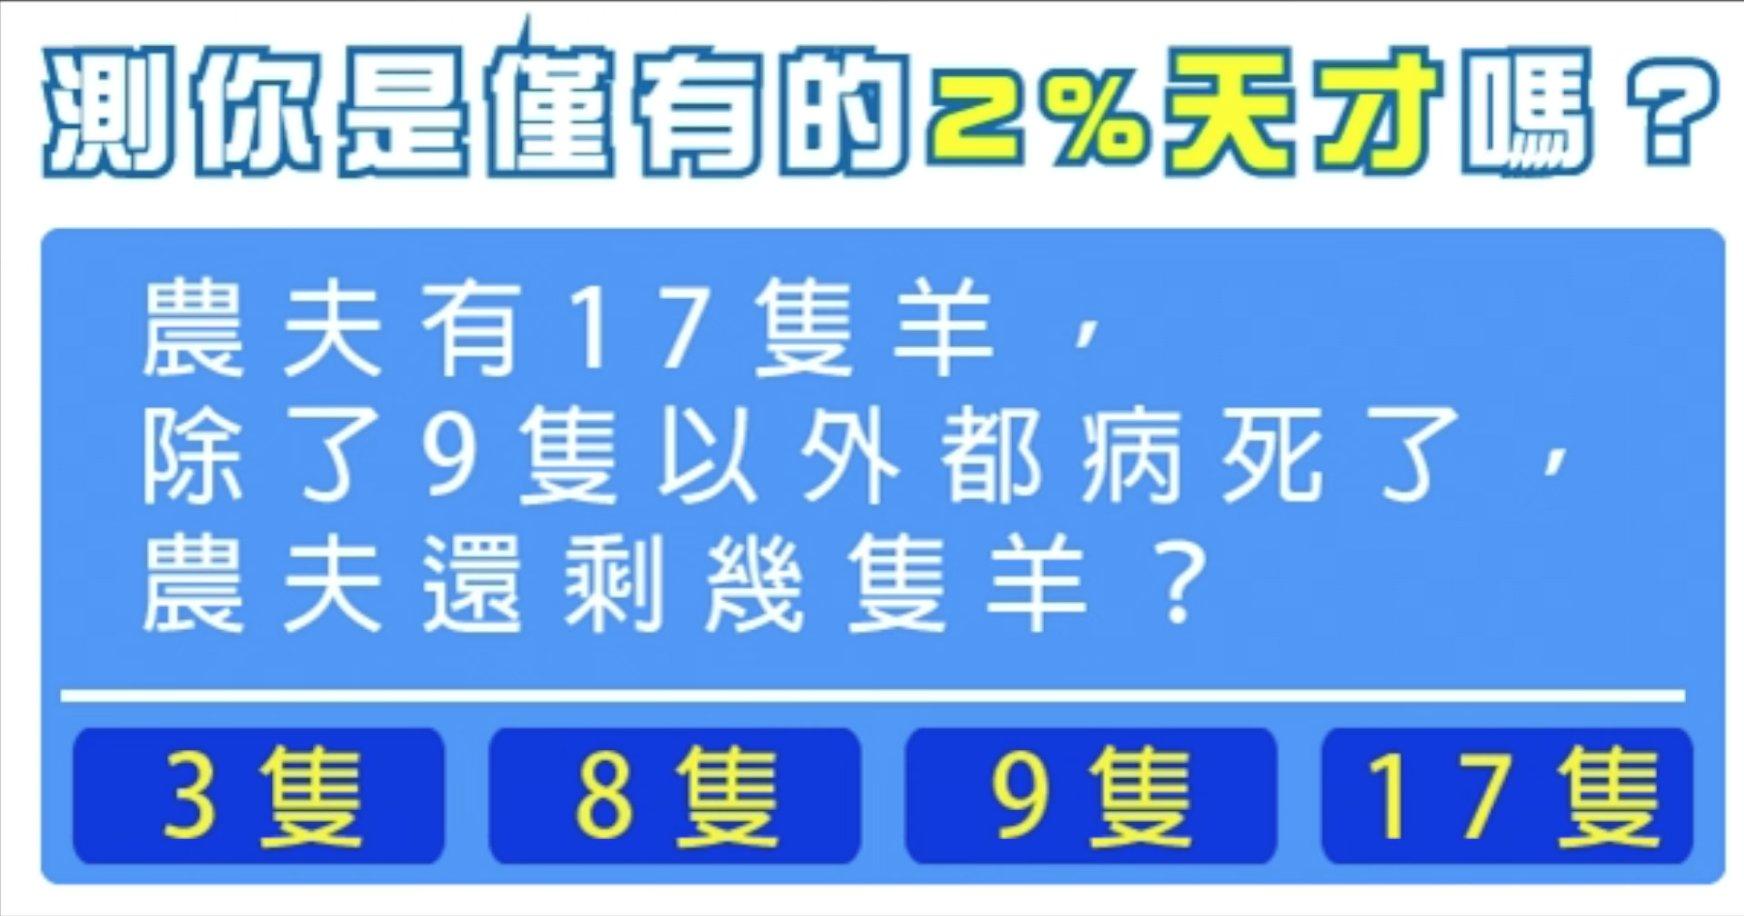 e89ea2e5b995e5bfabe785a7 2018 04 06 e4b88be58d884 56 49.png?resize=300,169 - 98%的人都會上當!超激準智商測驗:農夫總共有幾隻羊?